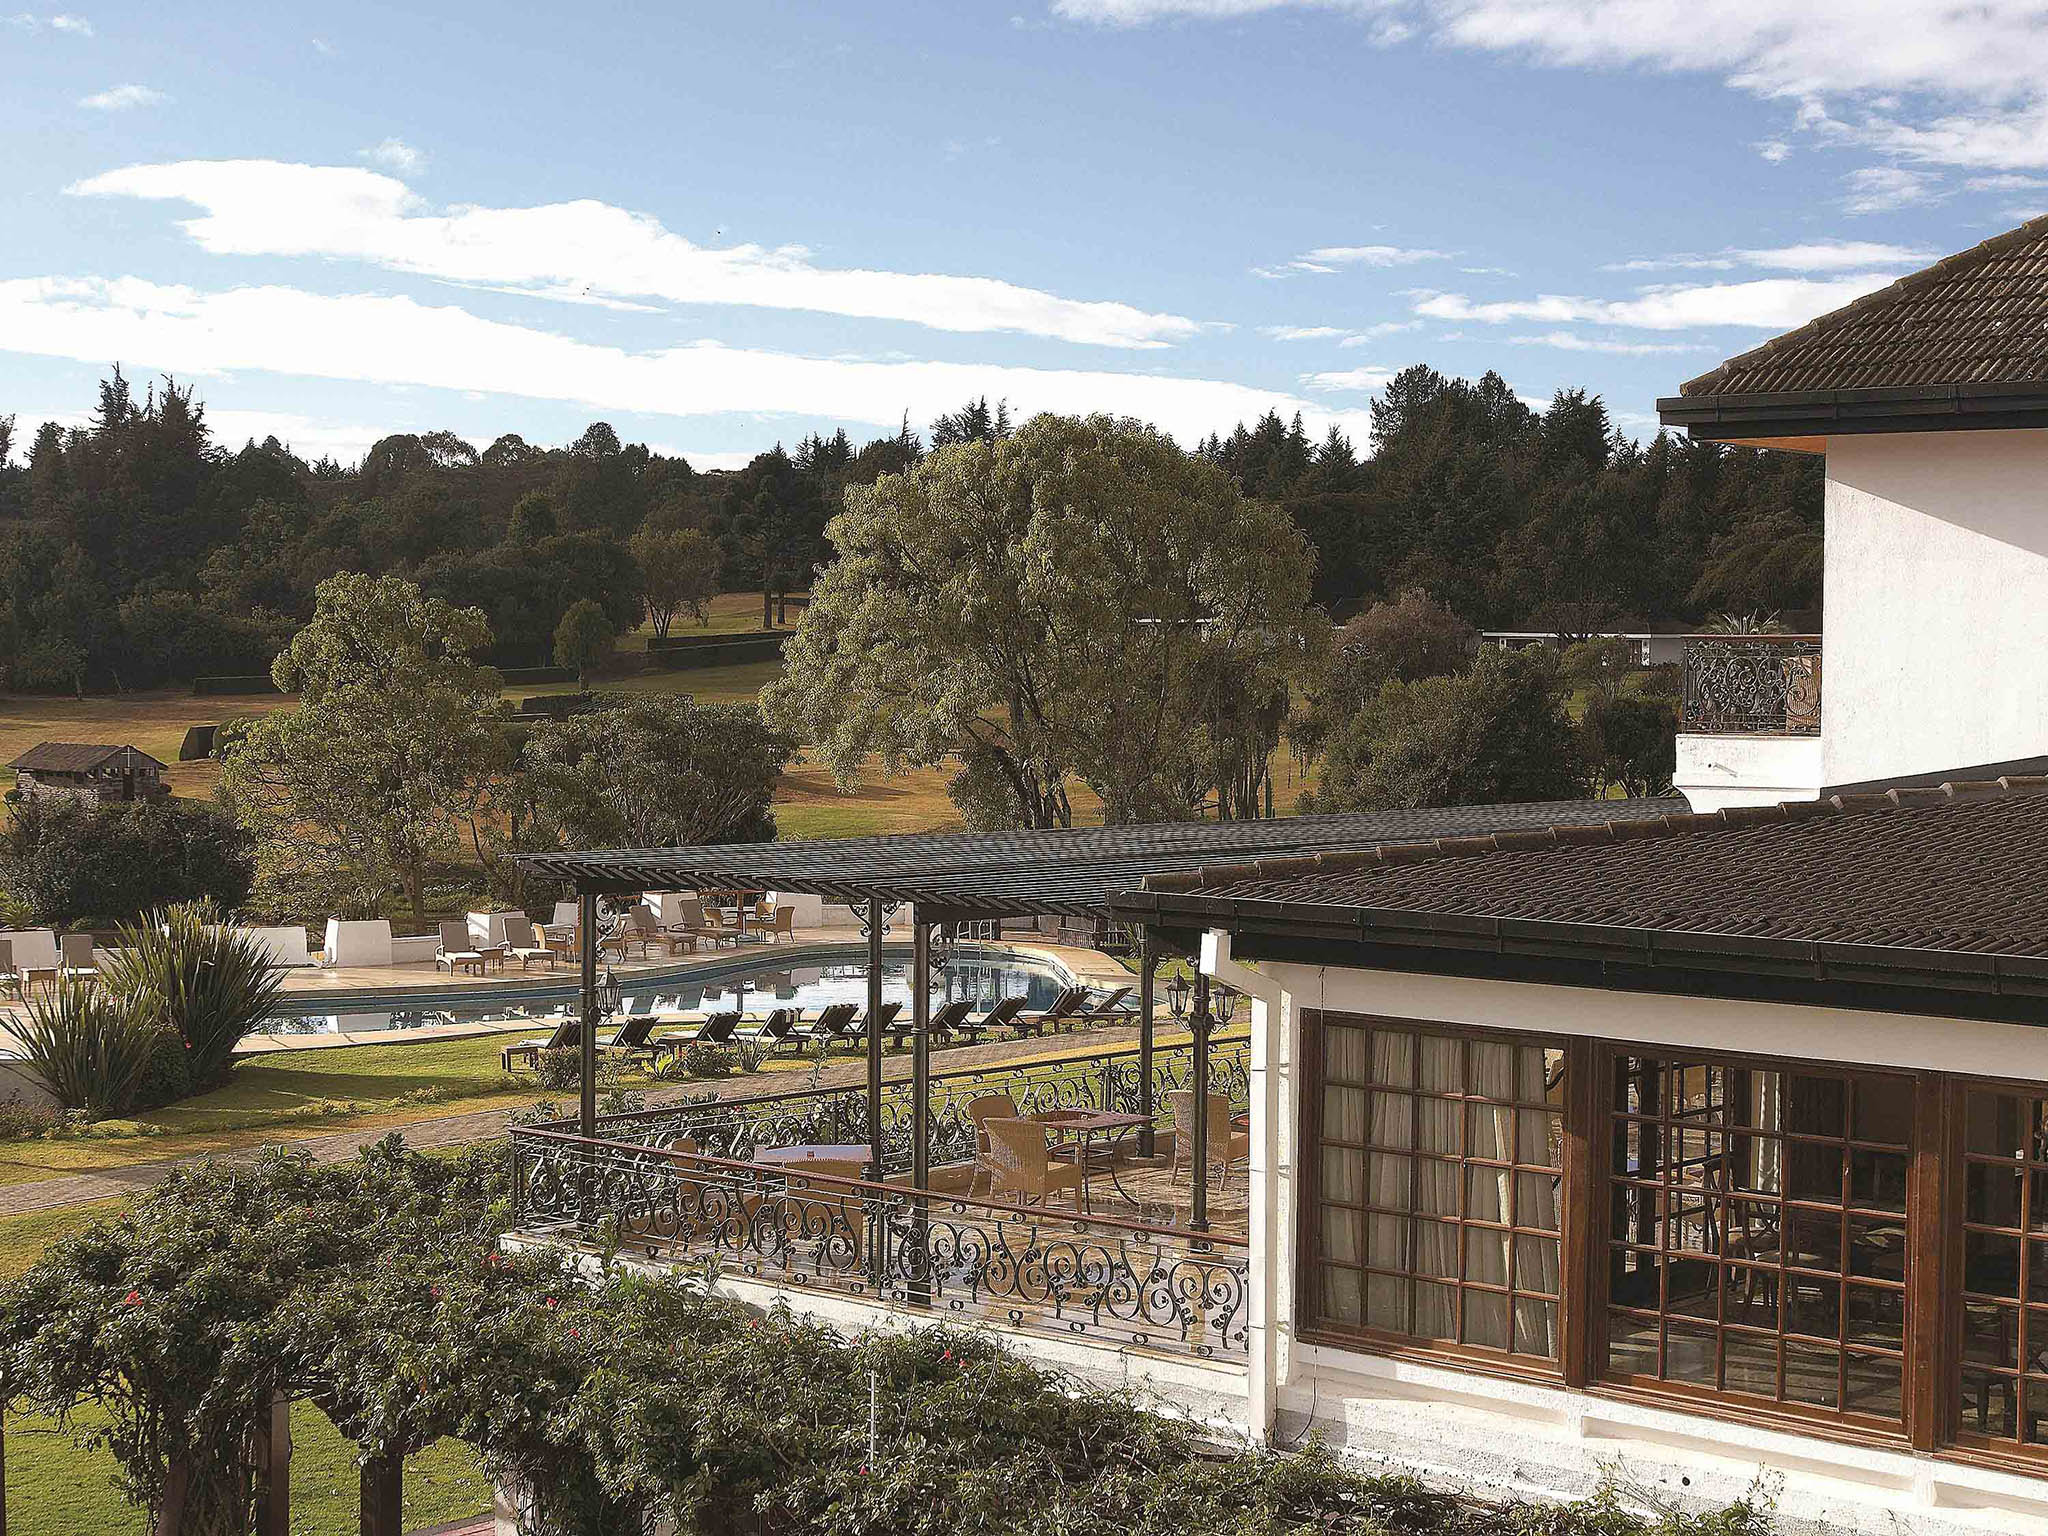 Hotel – Fairmont Mount Kenya Safari Club